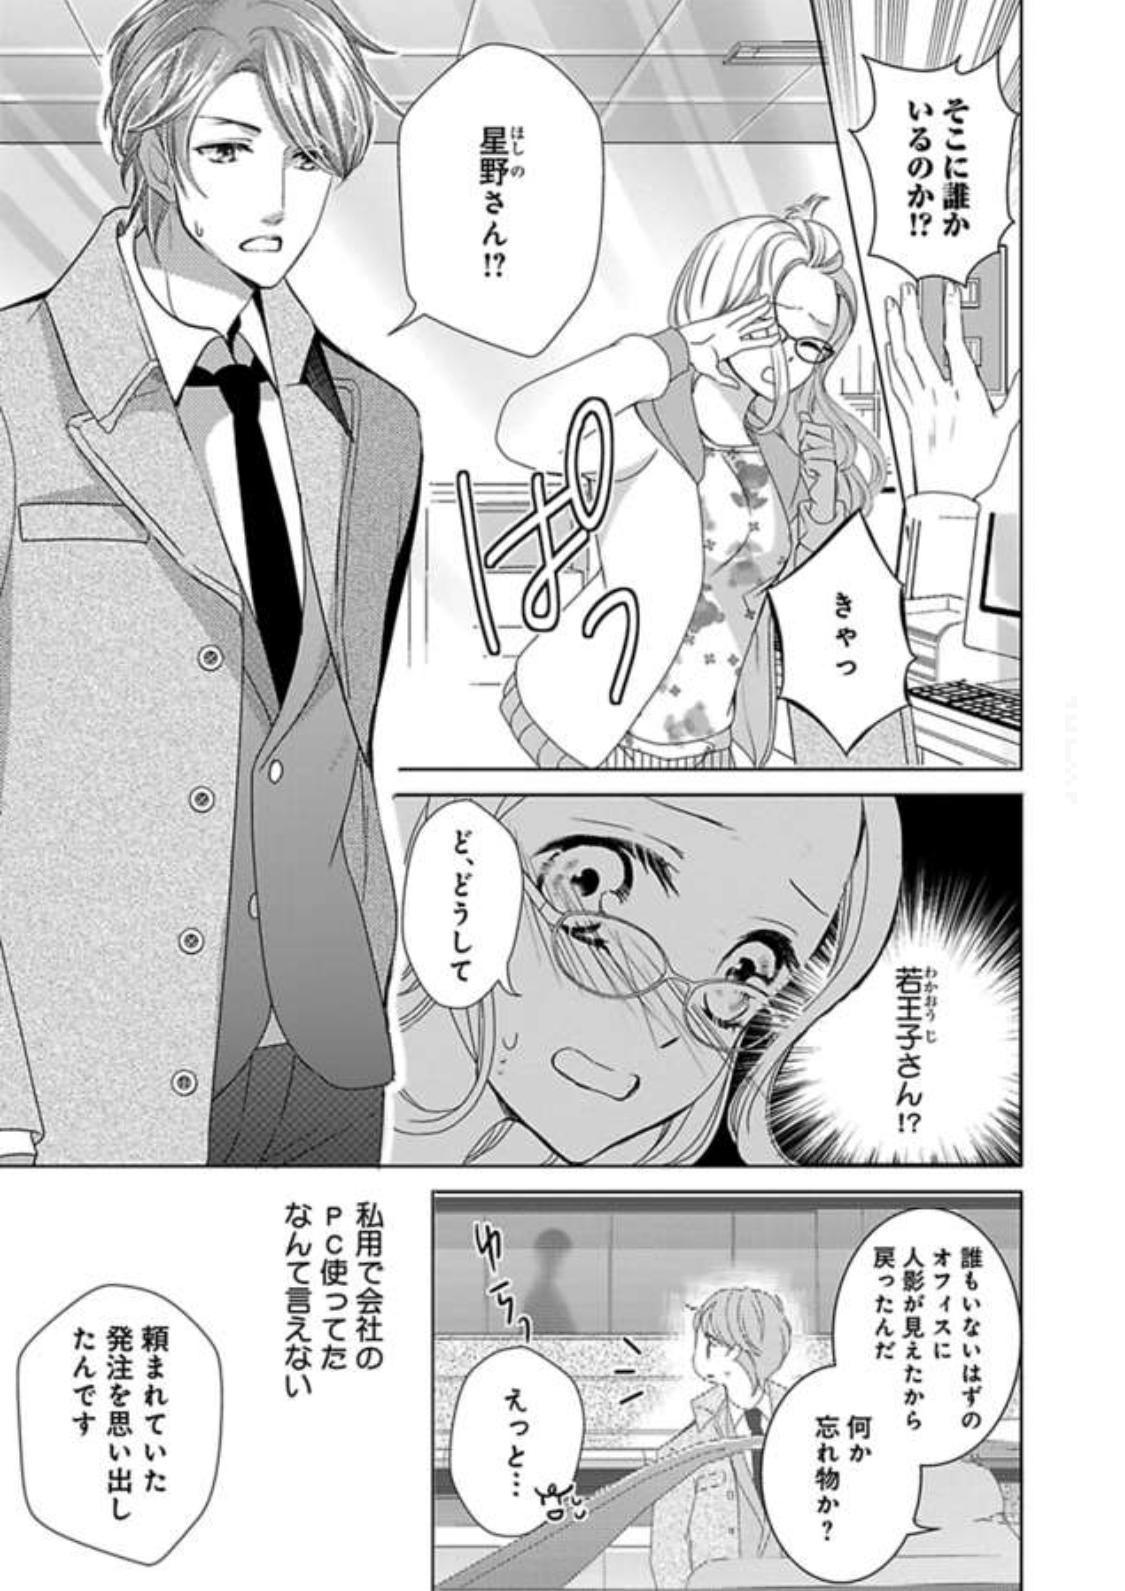 職場に王子様がいるっ?!|腹黒王子と恋のドレイー感想・あらすじ・ネタバレ!